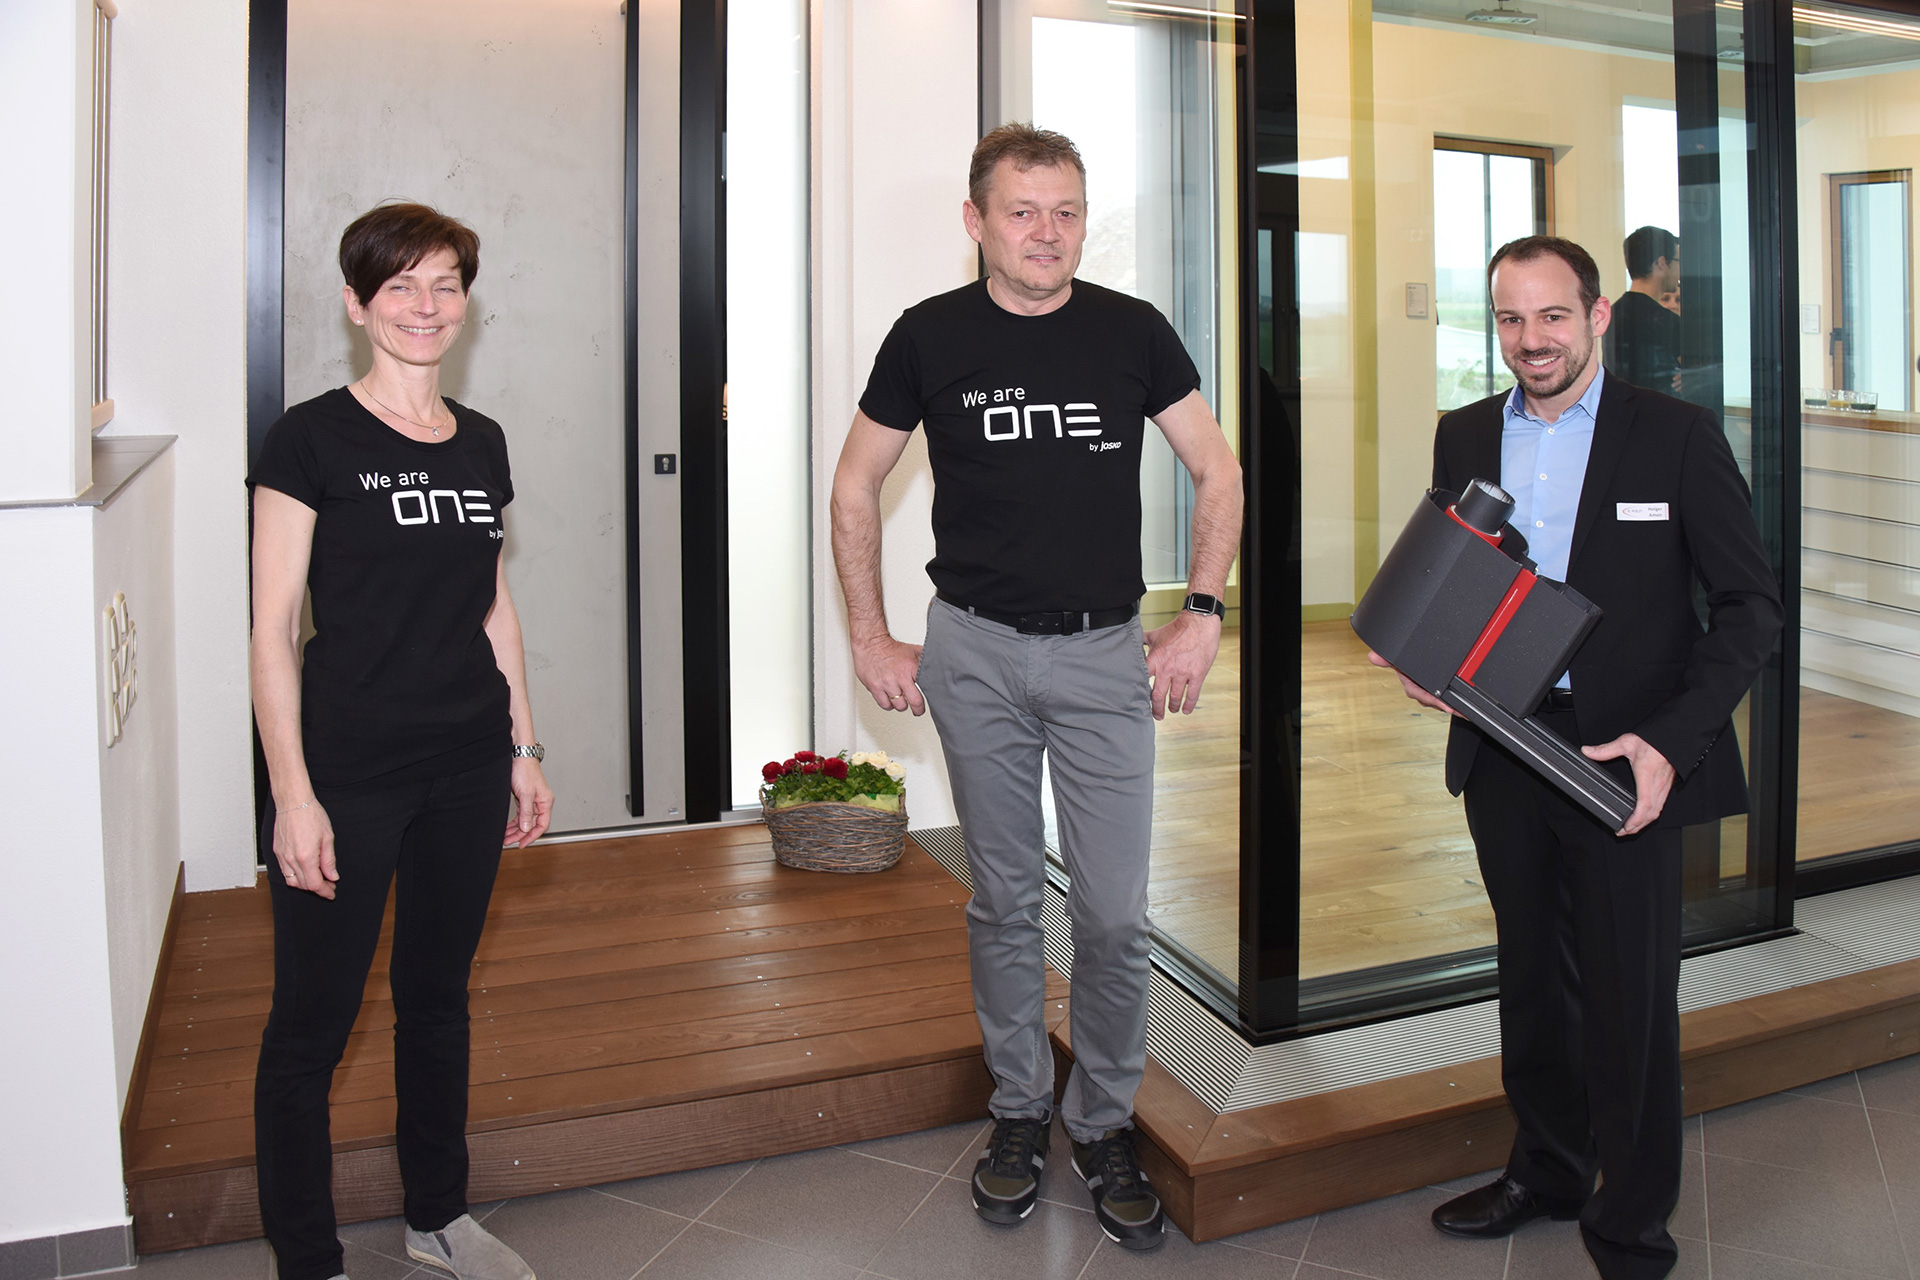 Hausmesse im Schauraum G.WOLF in Drasenhofen, v.l.n.r.: Roswitha Wolf, Gerhard Wolf, Ing. Holger Amon